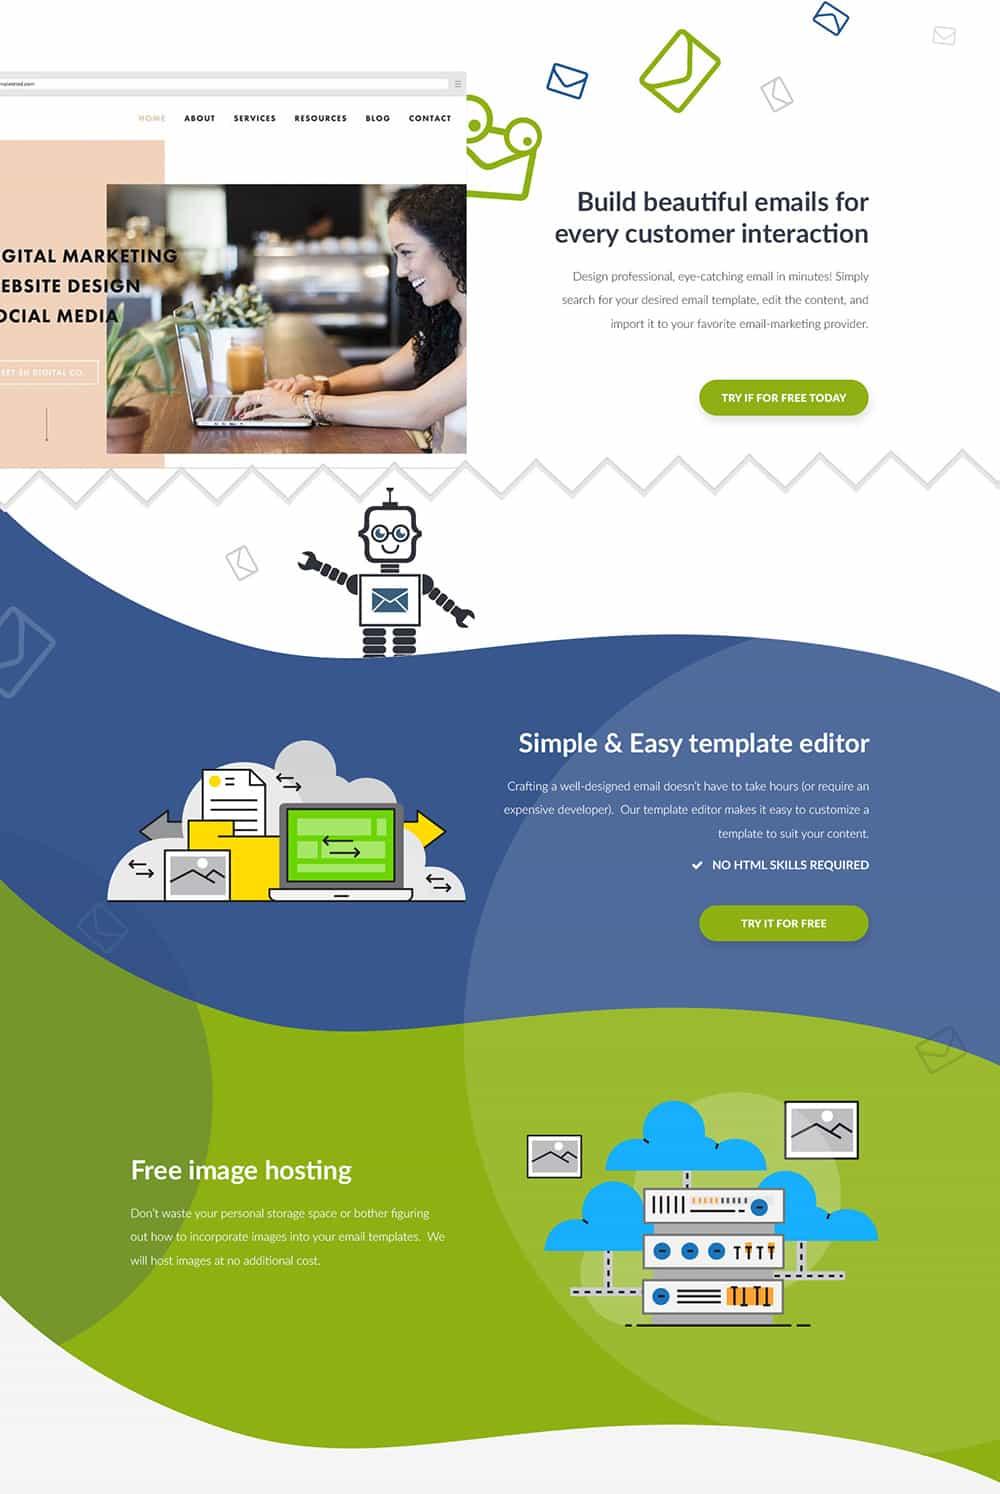 اشکال هندسی در طراحی سایت